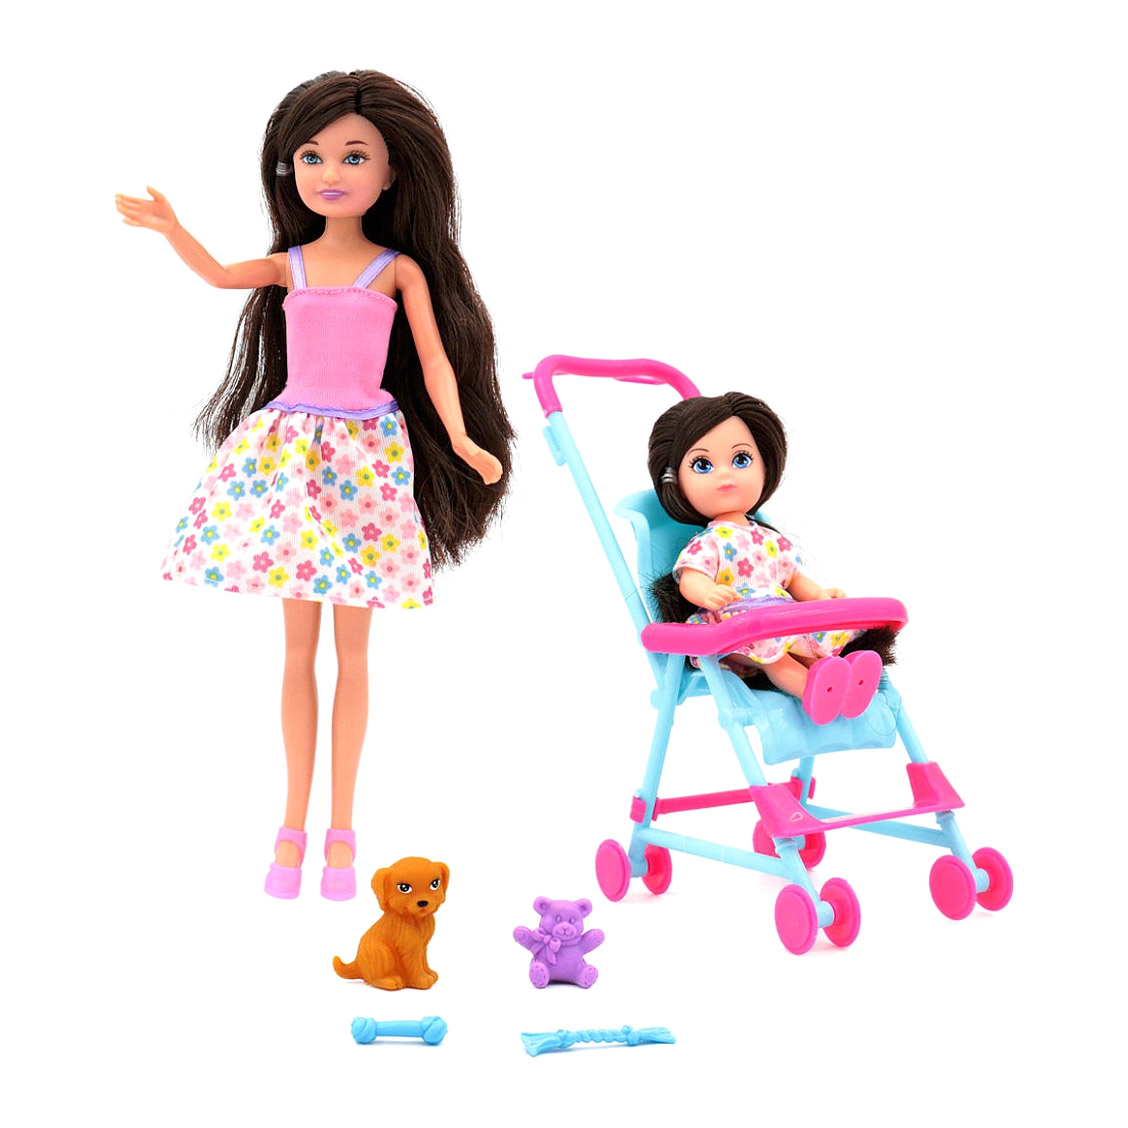 Кукла Funky Toys Мила с куклой Вики в коляске и собачкой 23 см, 12 см funky toys кукла funky toys мила 23 см с куклой вики 12 см на самокате и с собачкой